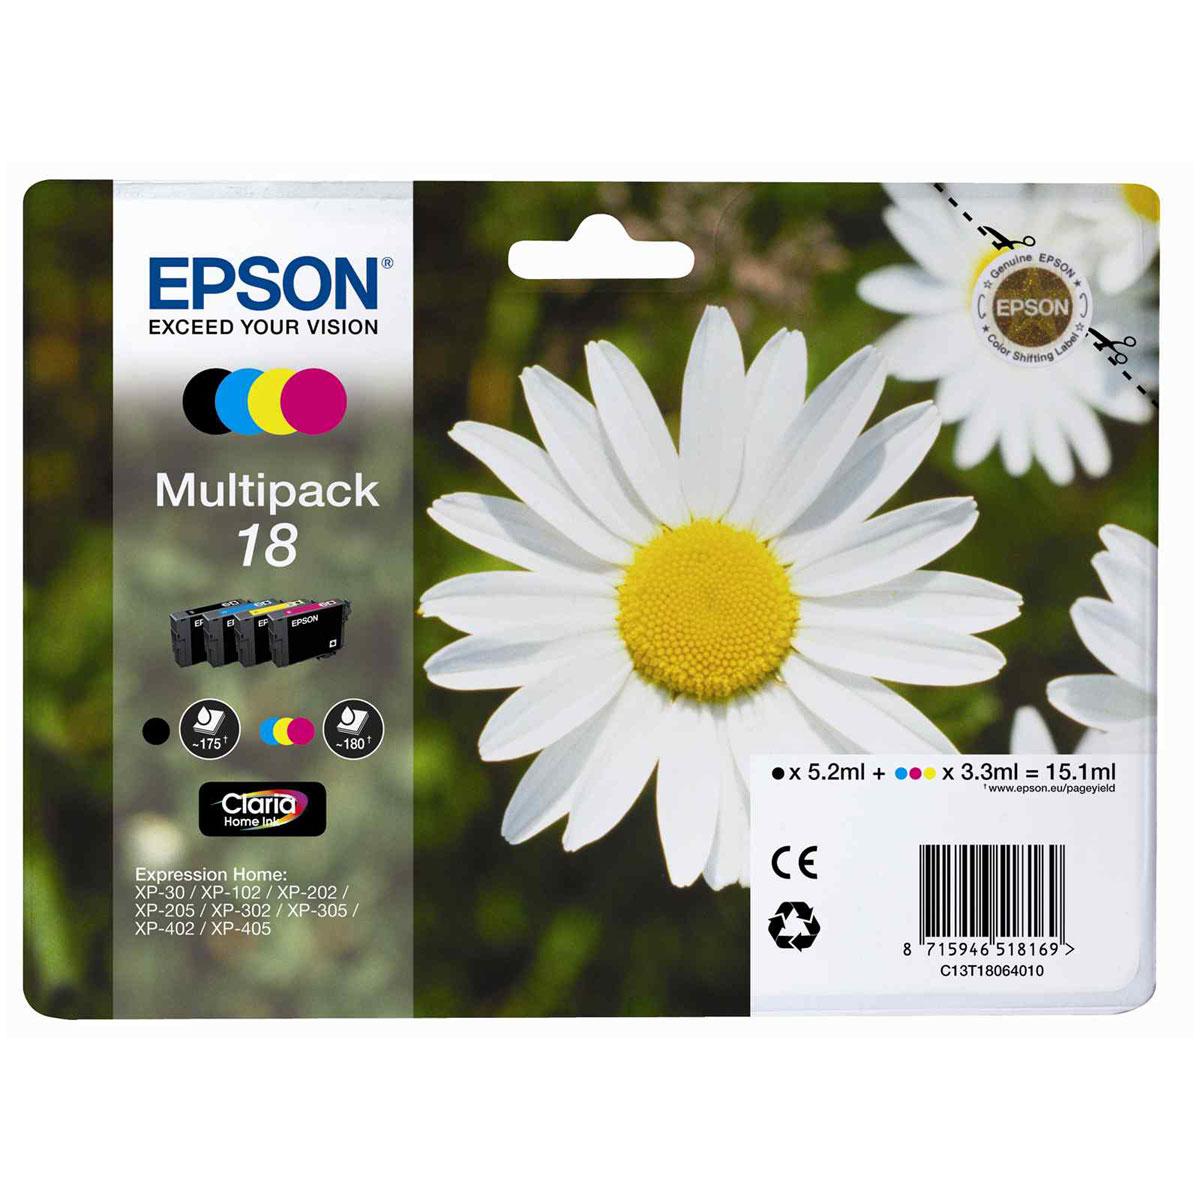 Cartouche imprimante Epson T1806 MultiPack Pack de 4 cartouches d'encre noire, cyan, magenta, jaune